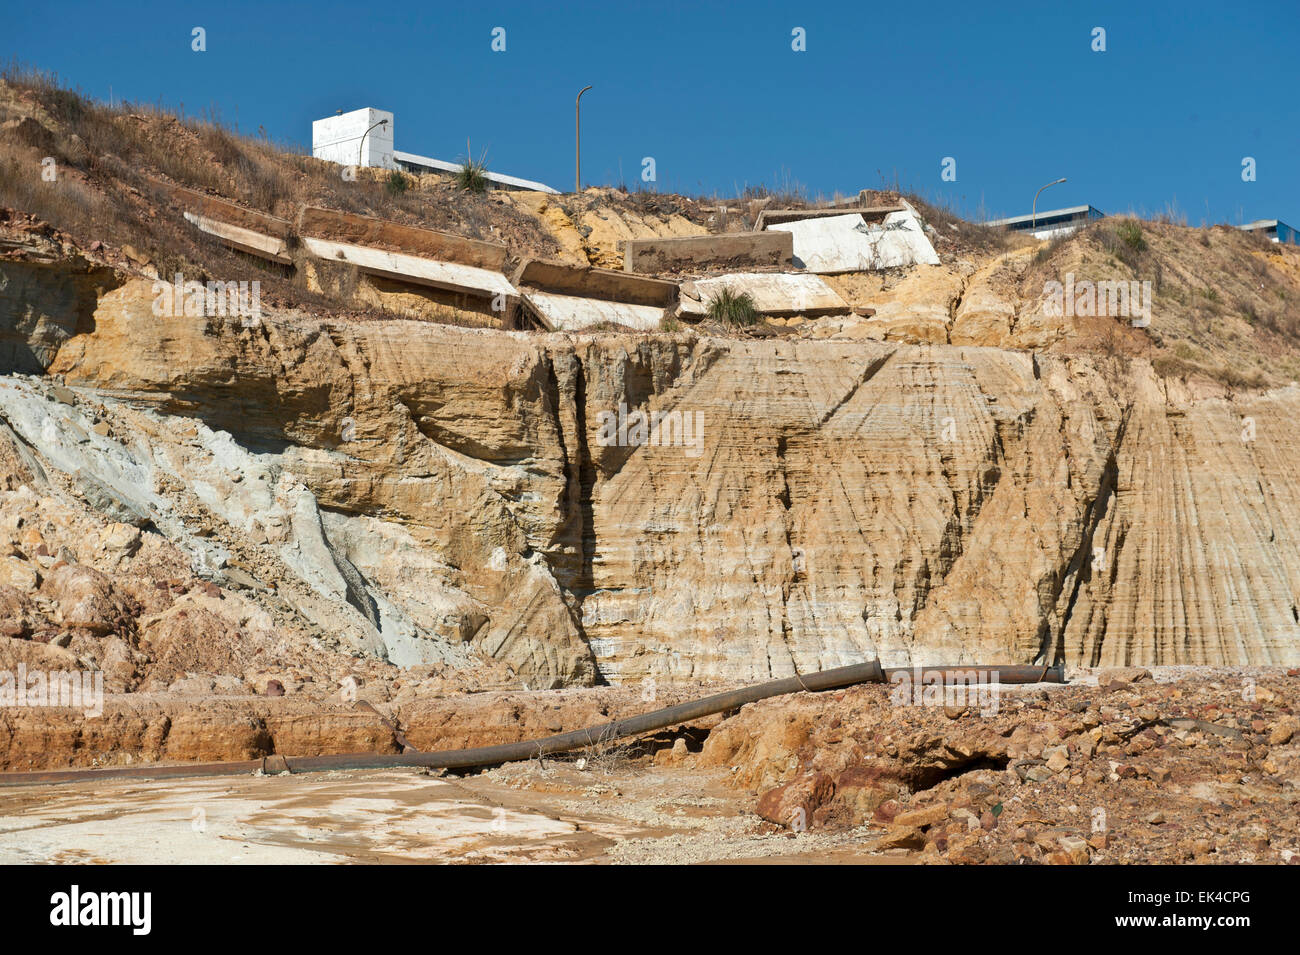 Es ist geworden mehr machbar für Bergbau, alte Mine Deponien für das restliche gold, die aus dem Sand nicht vollständig extrahiert wurden zu verarbeiten. die unterirdischen Bergbau Prozess sehr arbeitsintensiv und teuer. Diese Mine Deponien sind sprengte mit Wasser und Schlamm-Suspension ist dann geleitet Brakpan etwa 40km entfernt auf der Ost-Rand wo ist sie, nehmen Sie das restliche Gold verarbeitet. PIC anonymer verasamy Stockfoto